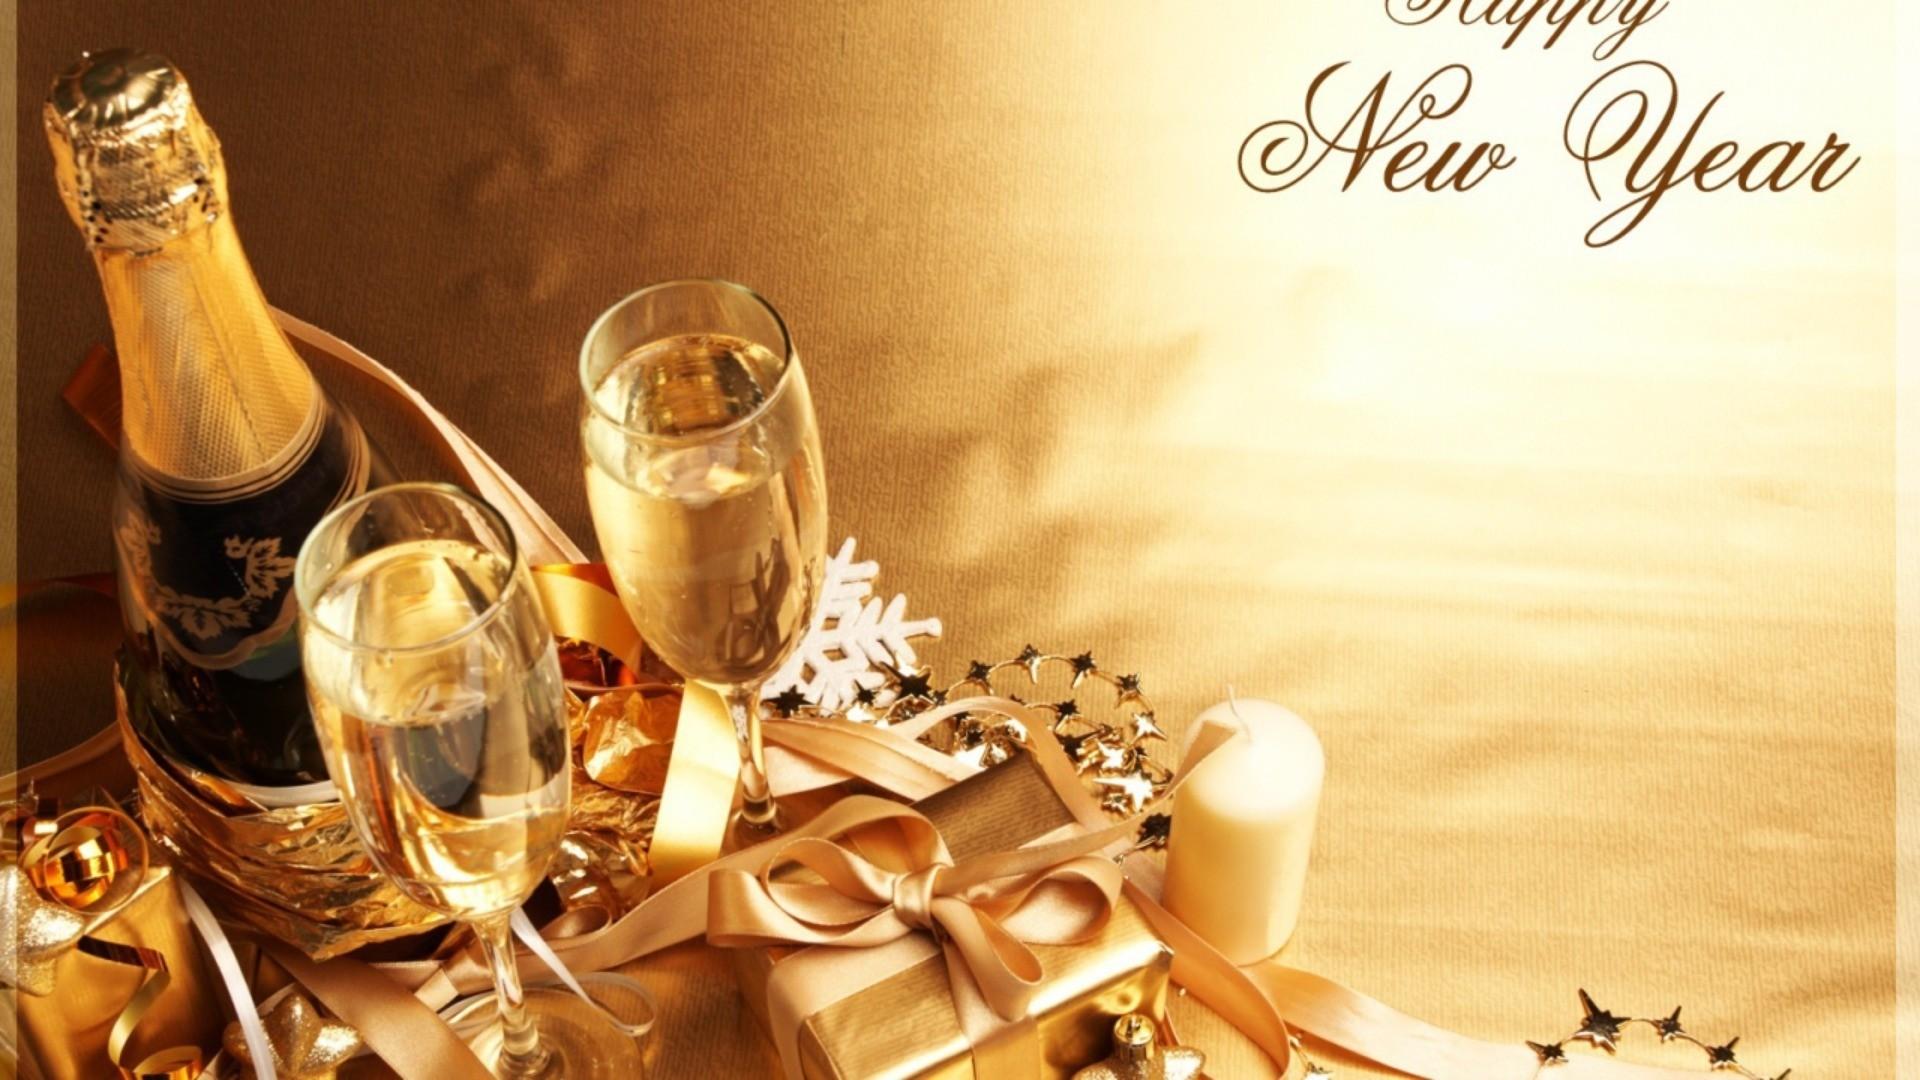 Поздравления с новым годом на турецком любимому